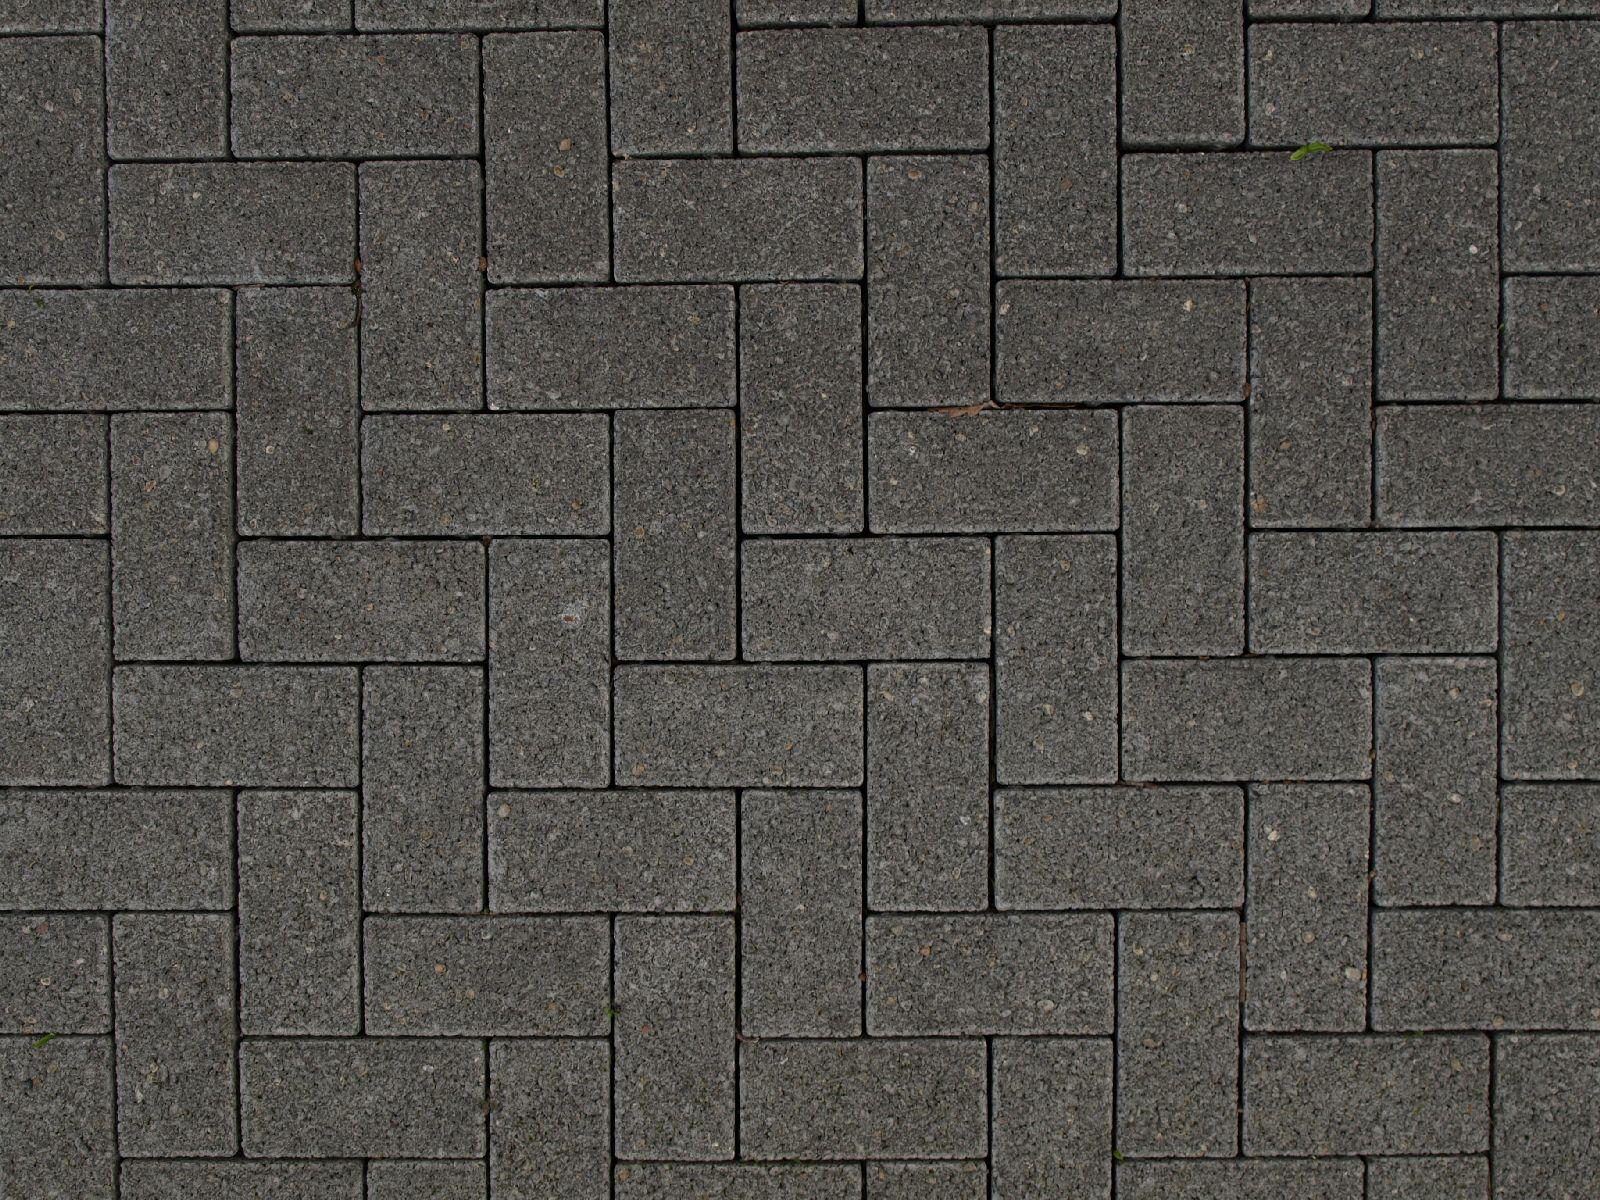 Boden-Gehweg-Strasse-Buergersteig-Textur_A_P4110676